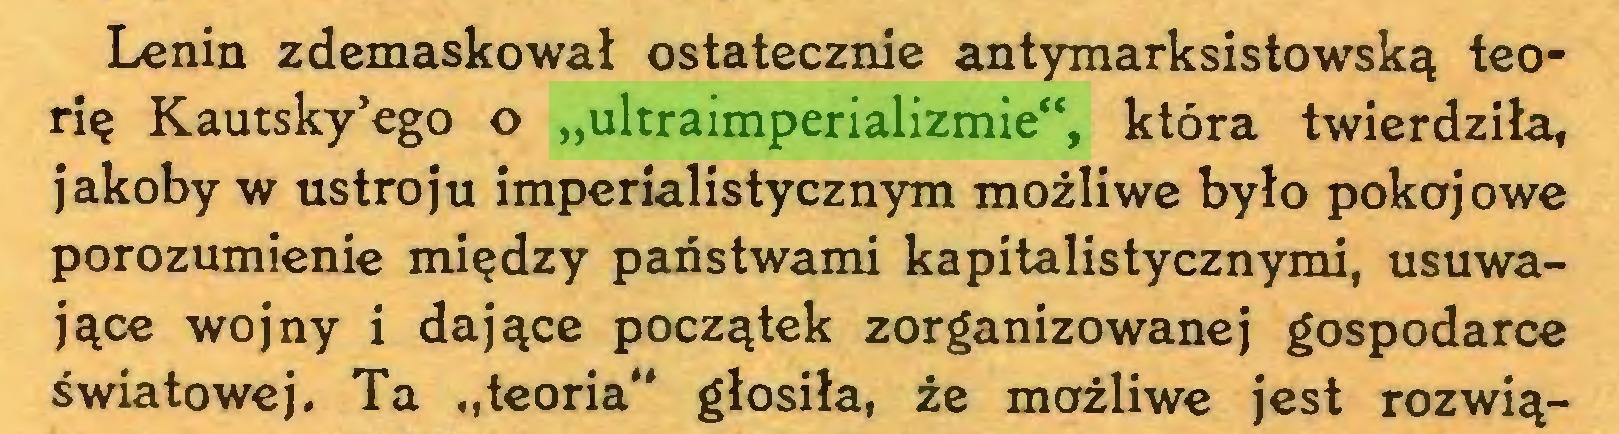 """(...) Lenin zdemaskował ostatecznie antymarksistowską teorię Kautsky'ego o """"ultraimperializmie"""", która twierdziła, jakoby w ustroju imperialistycznym możliwe było pokojowe porozumienie między państwami kapitalistycznymi, usuwające wojny i dające początek zorganizowanej gospodarce światowej. Ta """"teoria"""" głosiła, że możliwe jest rozwią..."""